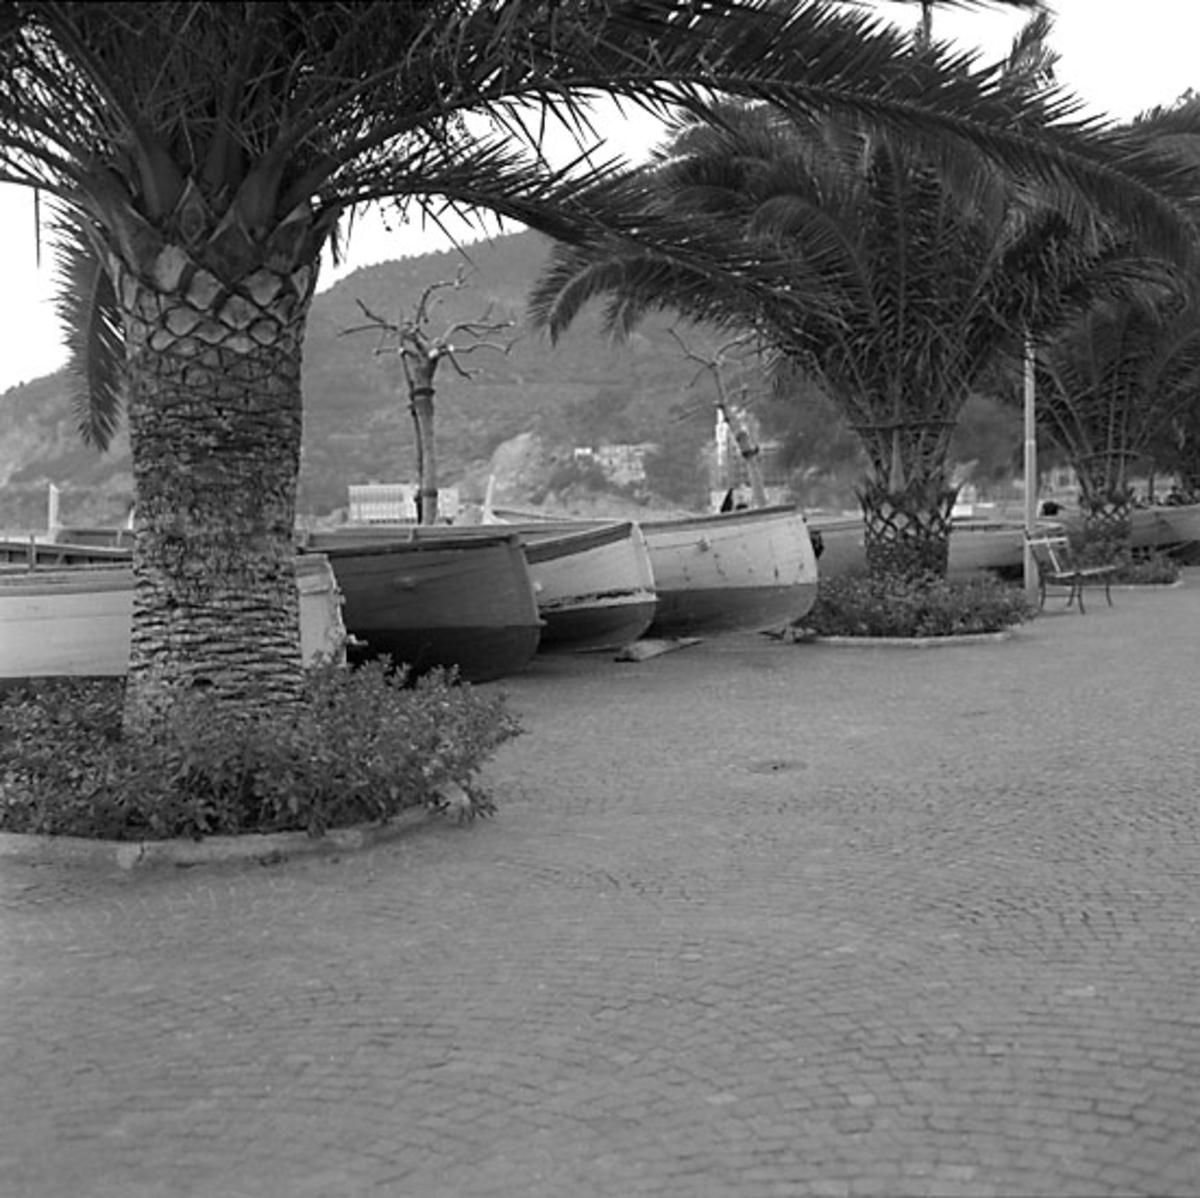 24. Italien. Fotojournal finns på B.M.A. + fotoalbum. Samtidigt förvärv: Böcker och arkivmaterial. Foton tagna mellan 1959-11-04 och 1959-11-05. 12 Bilder i serie.